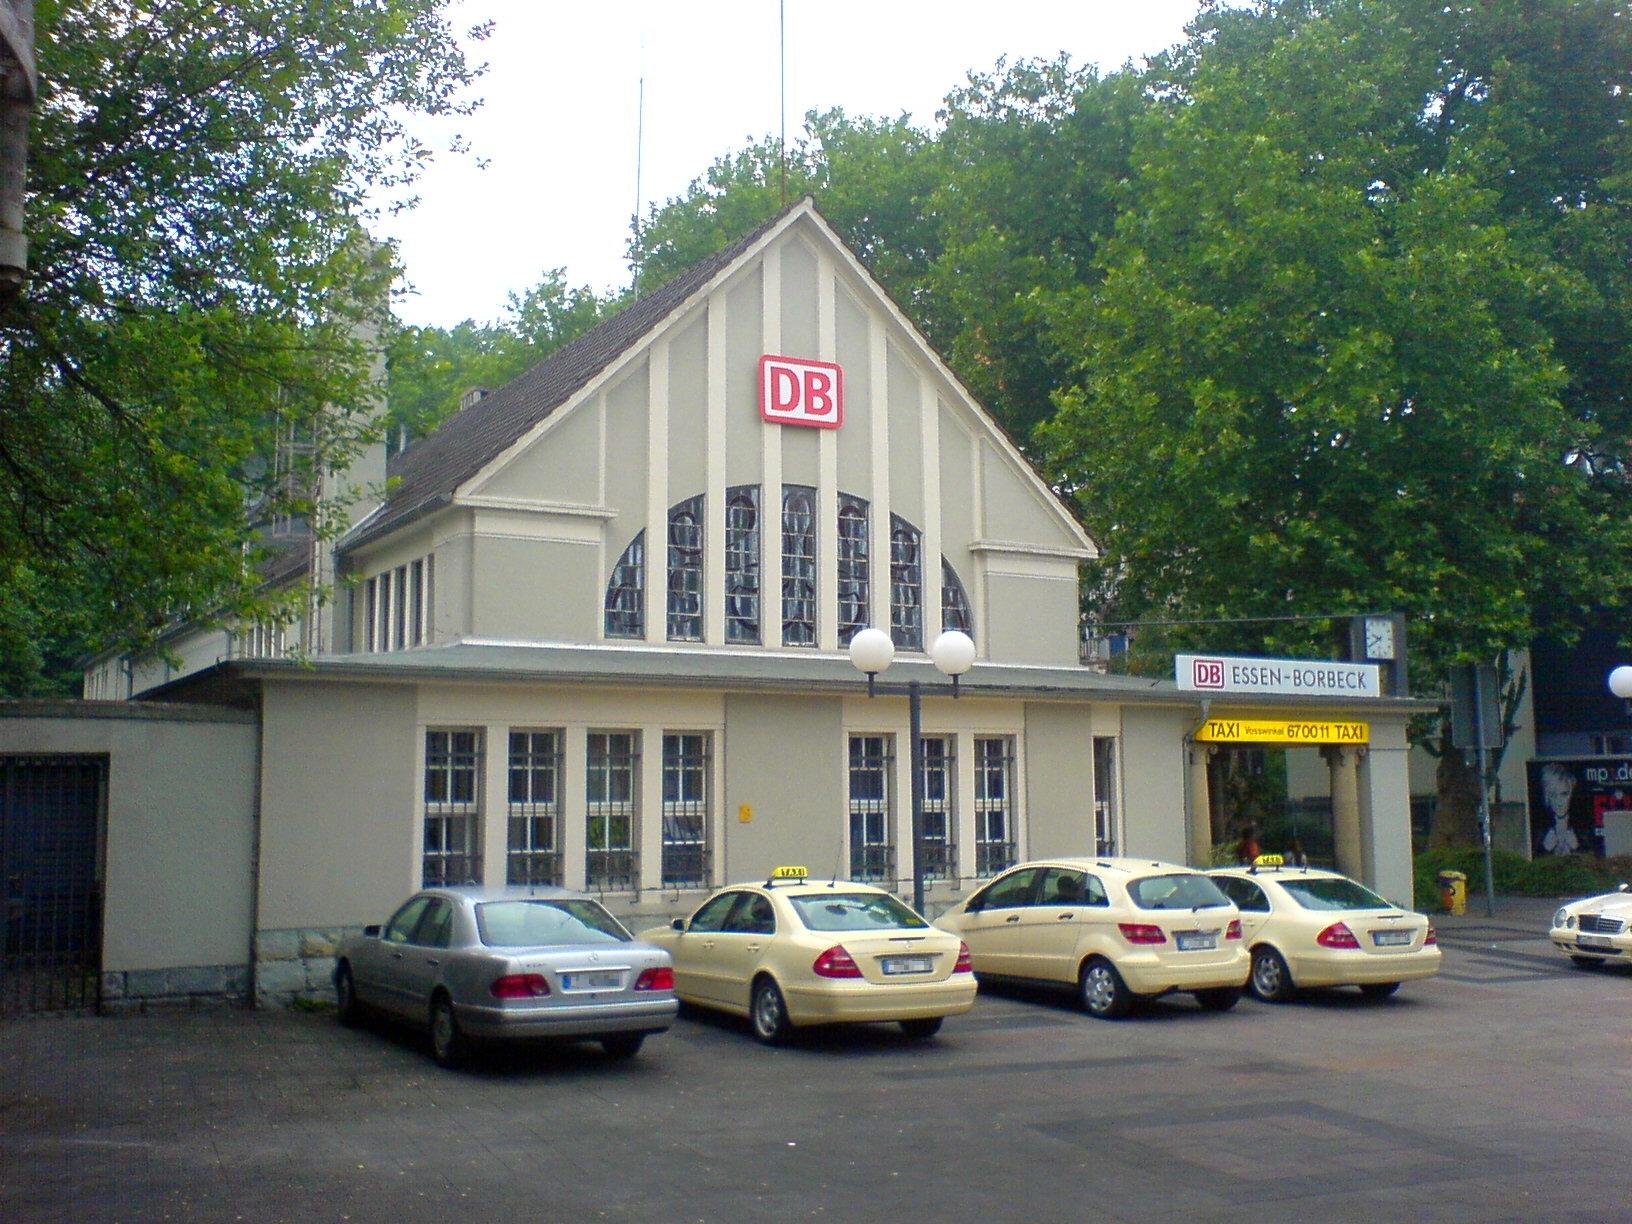 Bahnhof Essen Borbeck Wikiwand